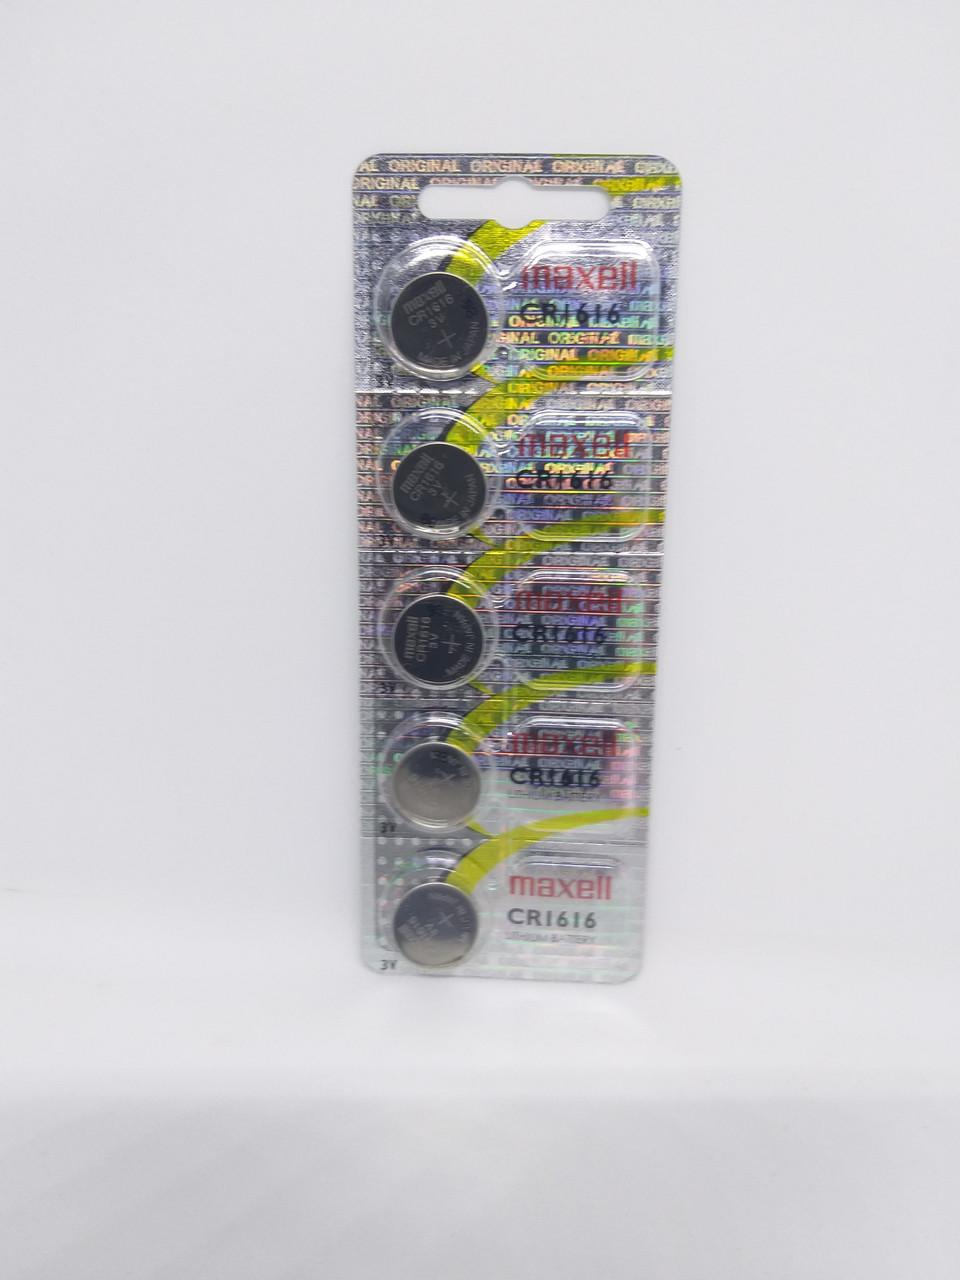 Батарейка для часов. Maxell CR1616 3.0V 55mAh 16x1.6mm Литиевая